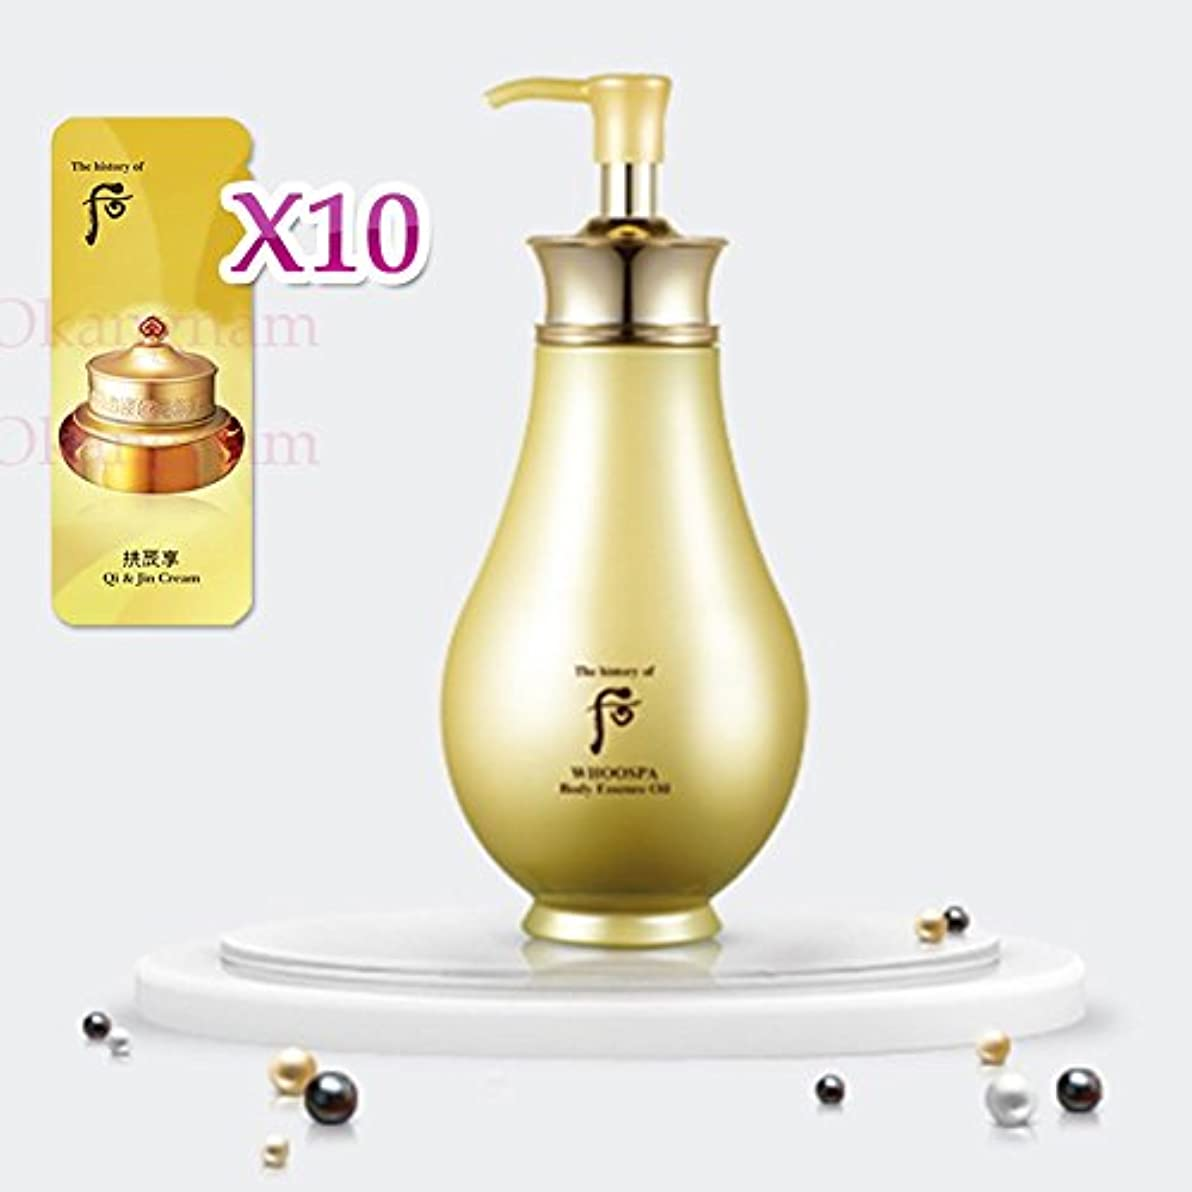 比類なき買収緊張する【フー/The history of whoo] Whoo后SPA03 Whoo Spa Body Essence Oil/后(フー)フス派ボディエッセンスオイル + [Sample Gift](海外直送品)